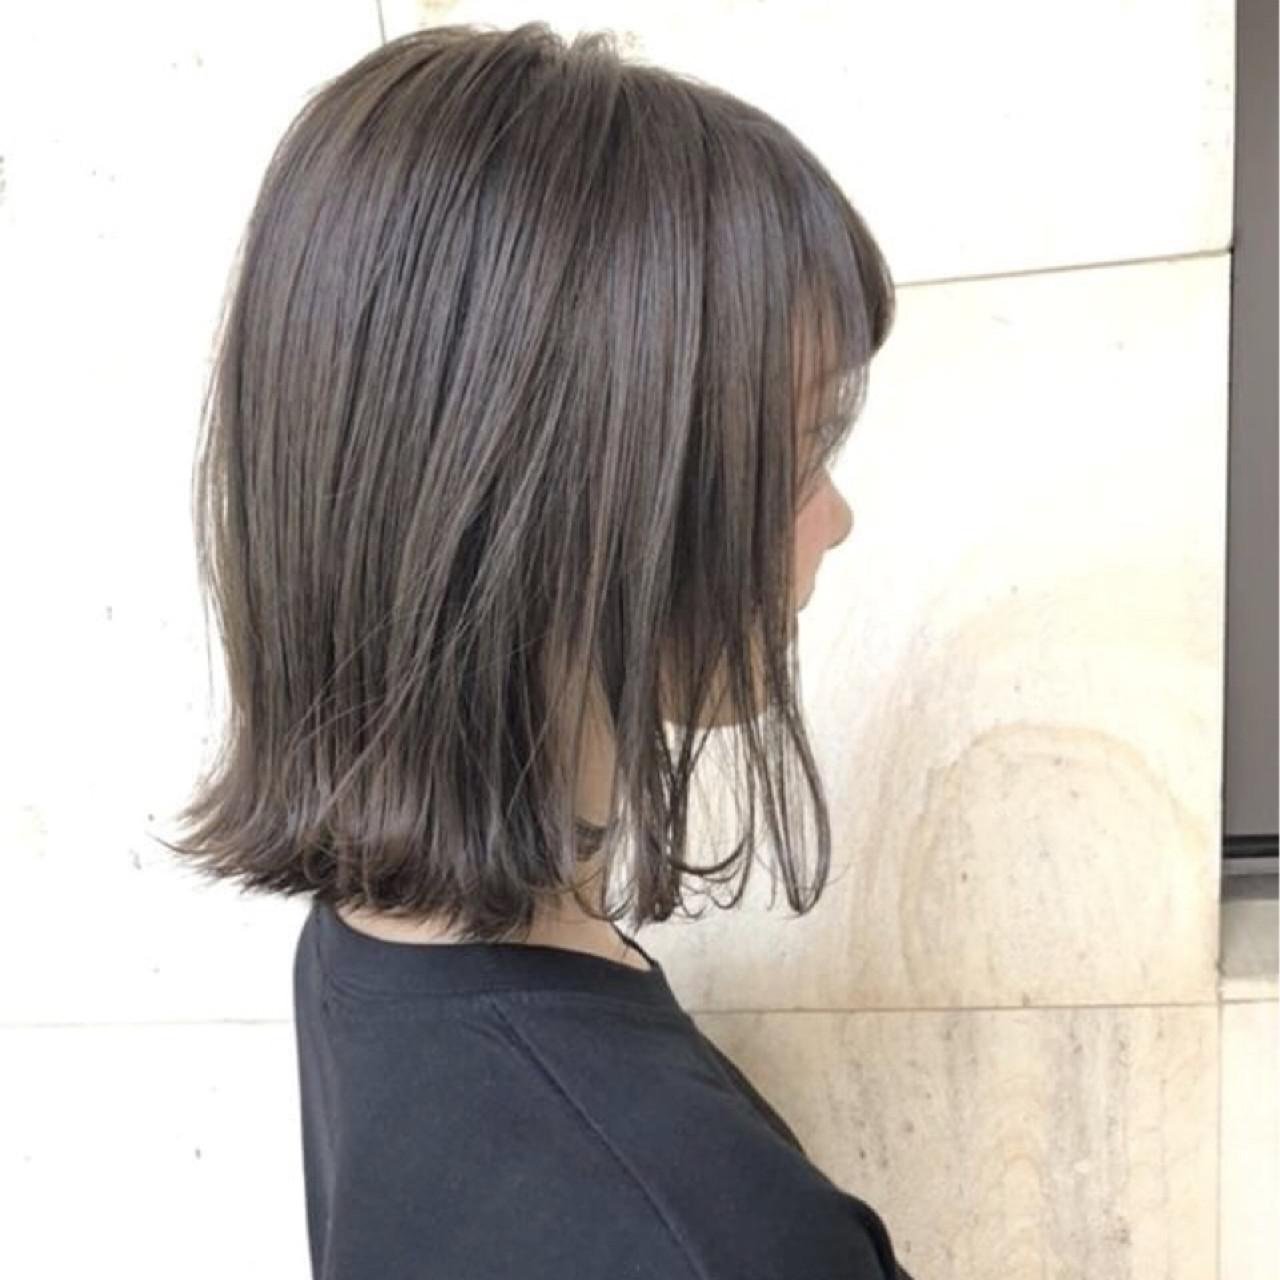 ロブ ナチュラル 切りっぱなし ボブ ヘアスタイルや髪型の写真・画像 | 日比野 恵理 / hair people原宿